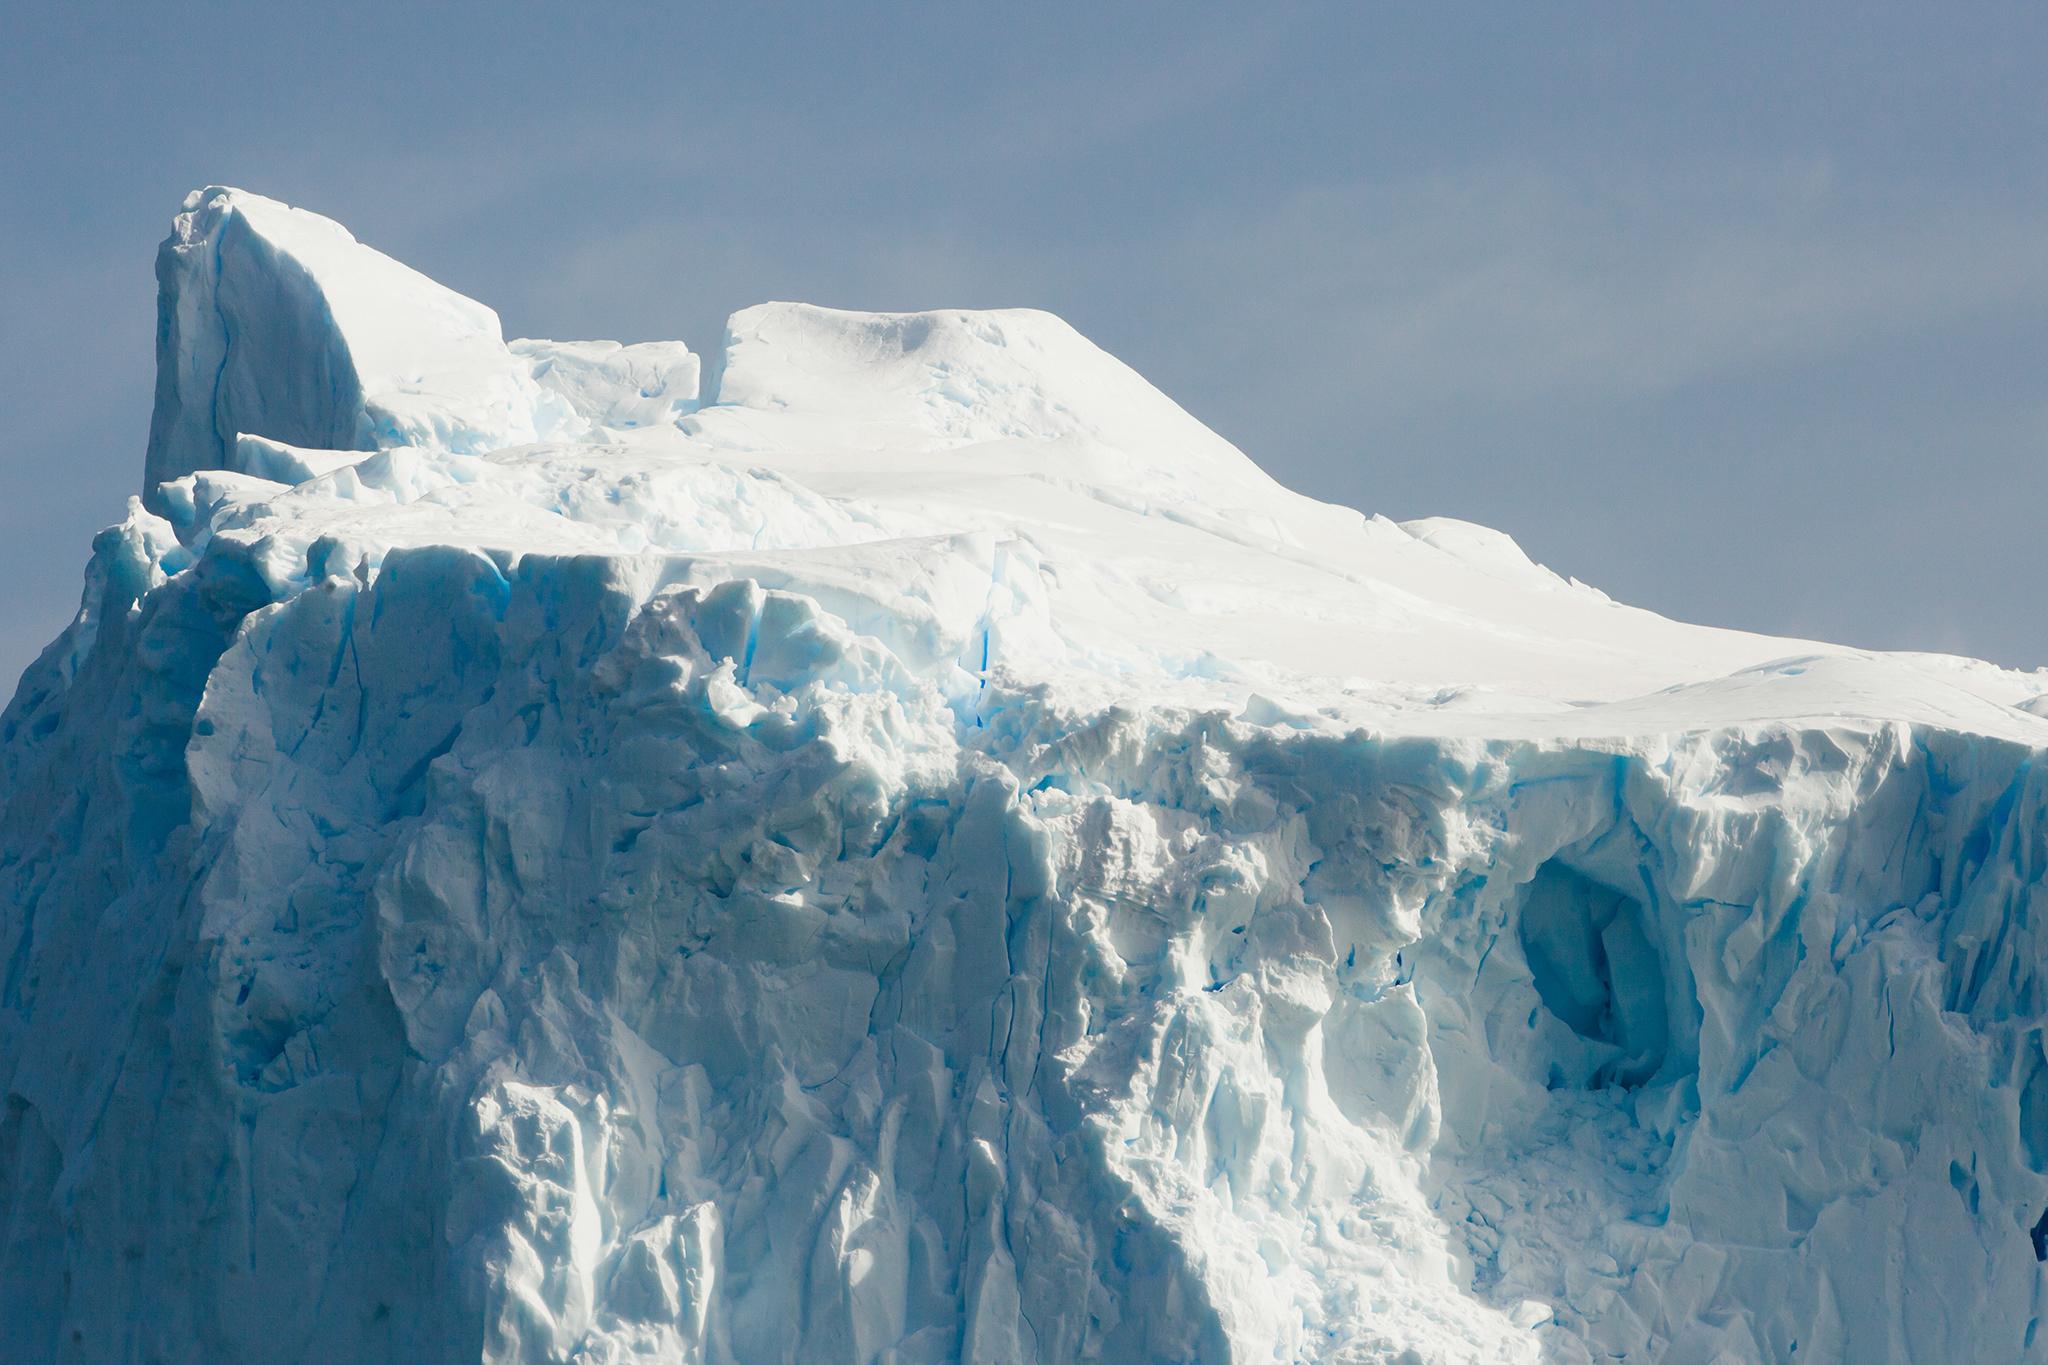 015-TW-Icebergs-131227.jpg